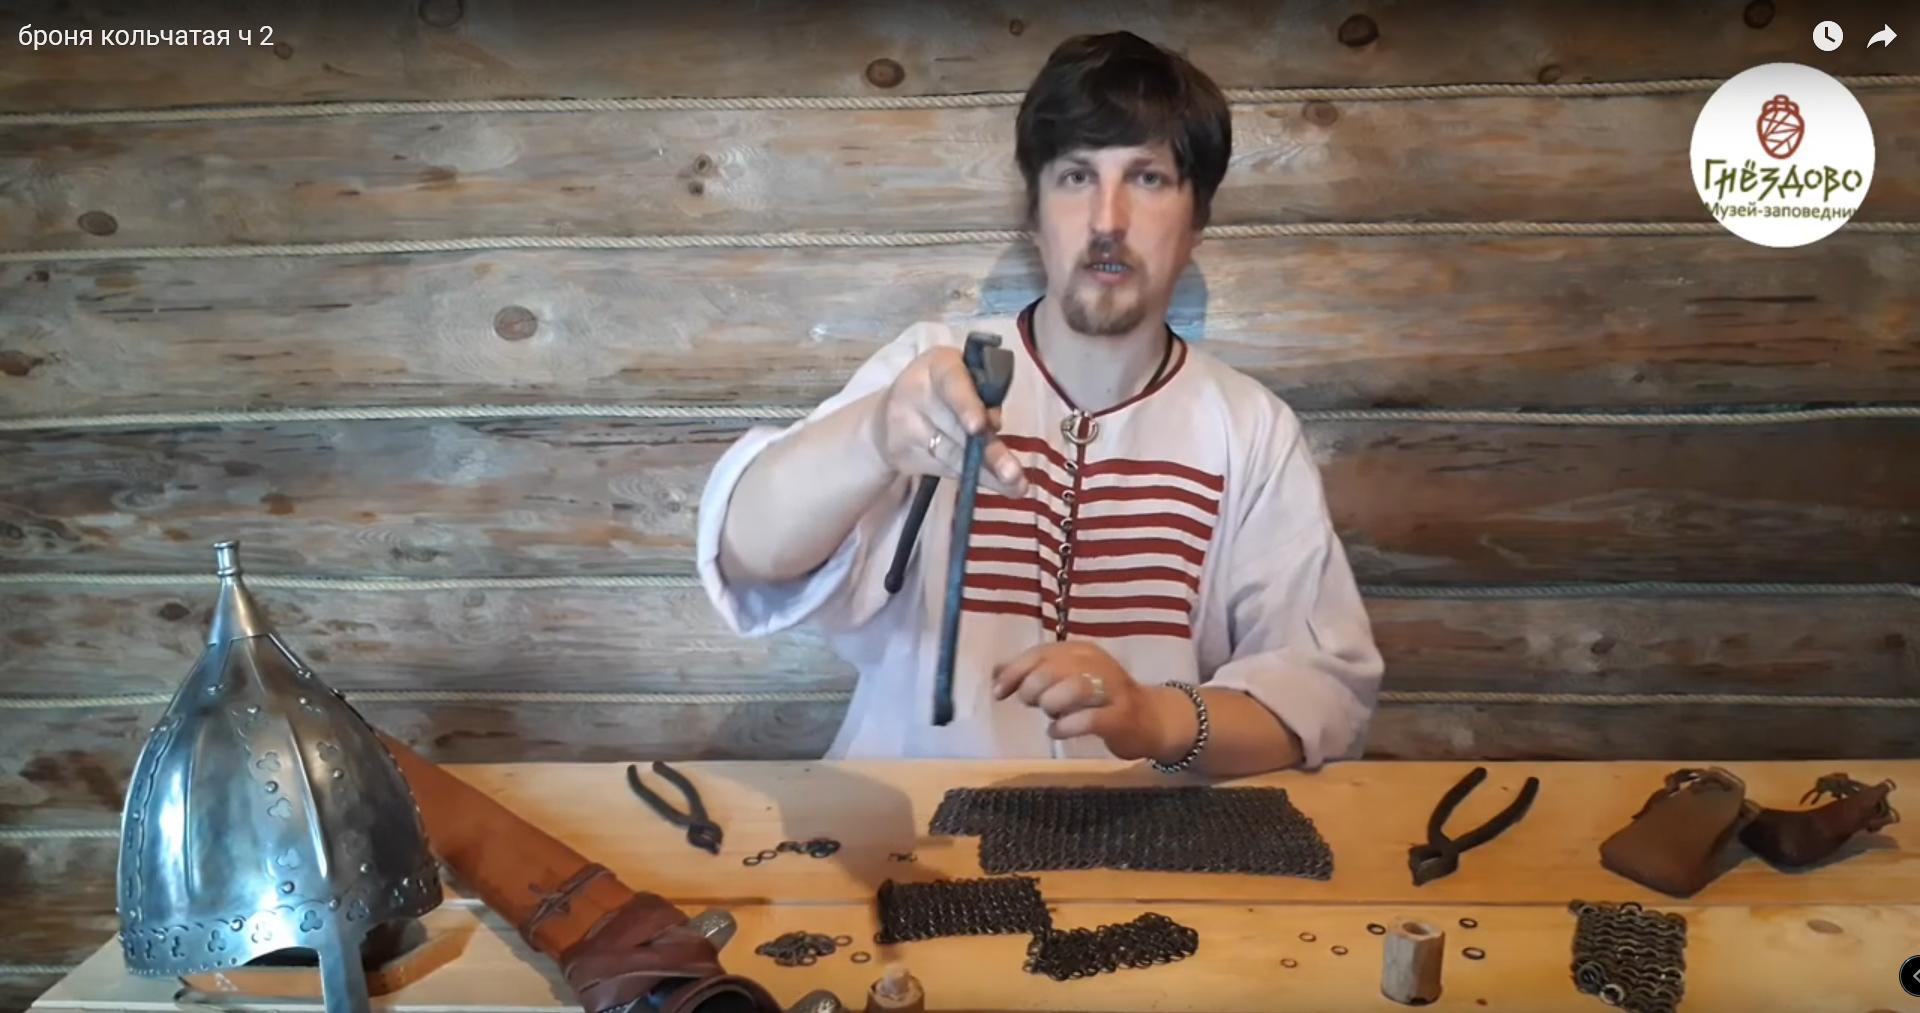 Мастер-класс:   «Изготовление кольчатой брони. Часть 2. Плетение кольчужного полотна»